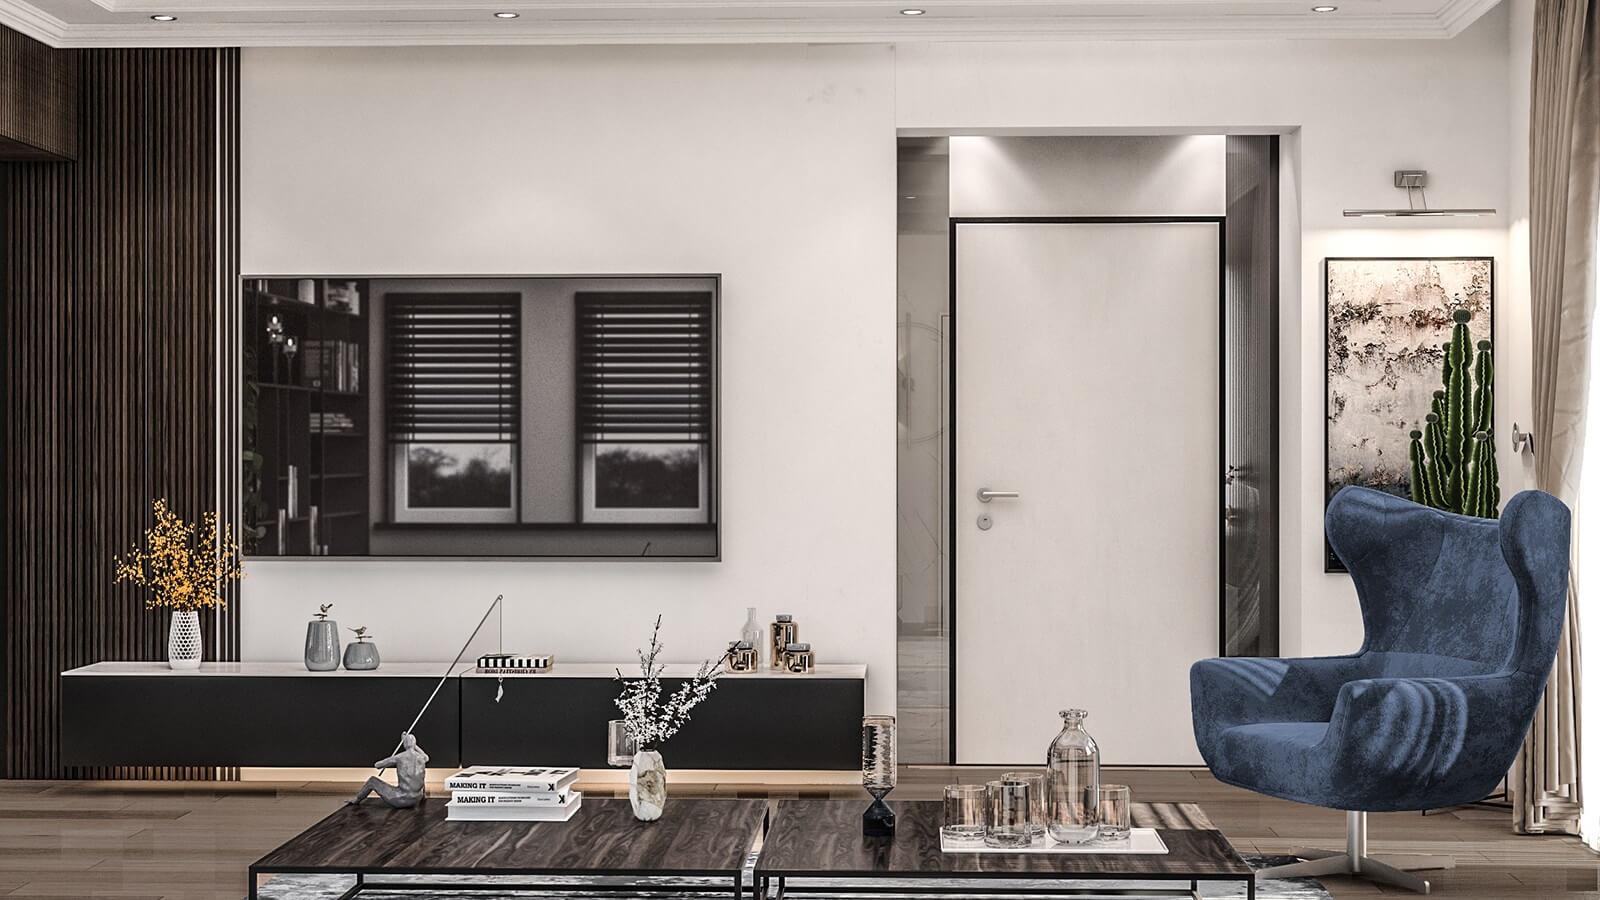 interioren-dizain-na-kashta-proekt-na-vsekidnevna